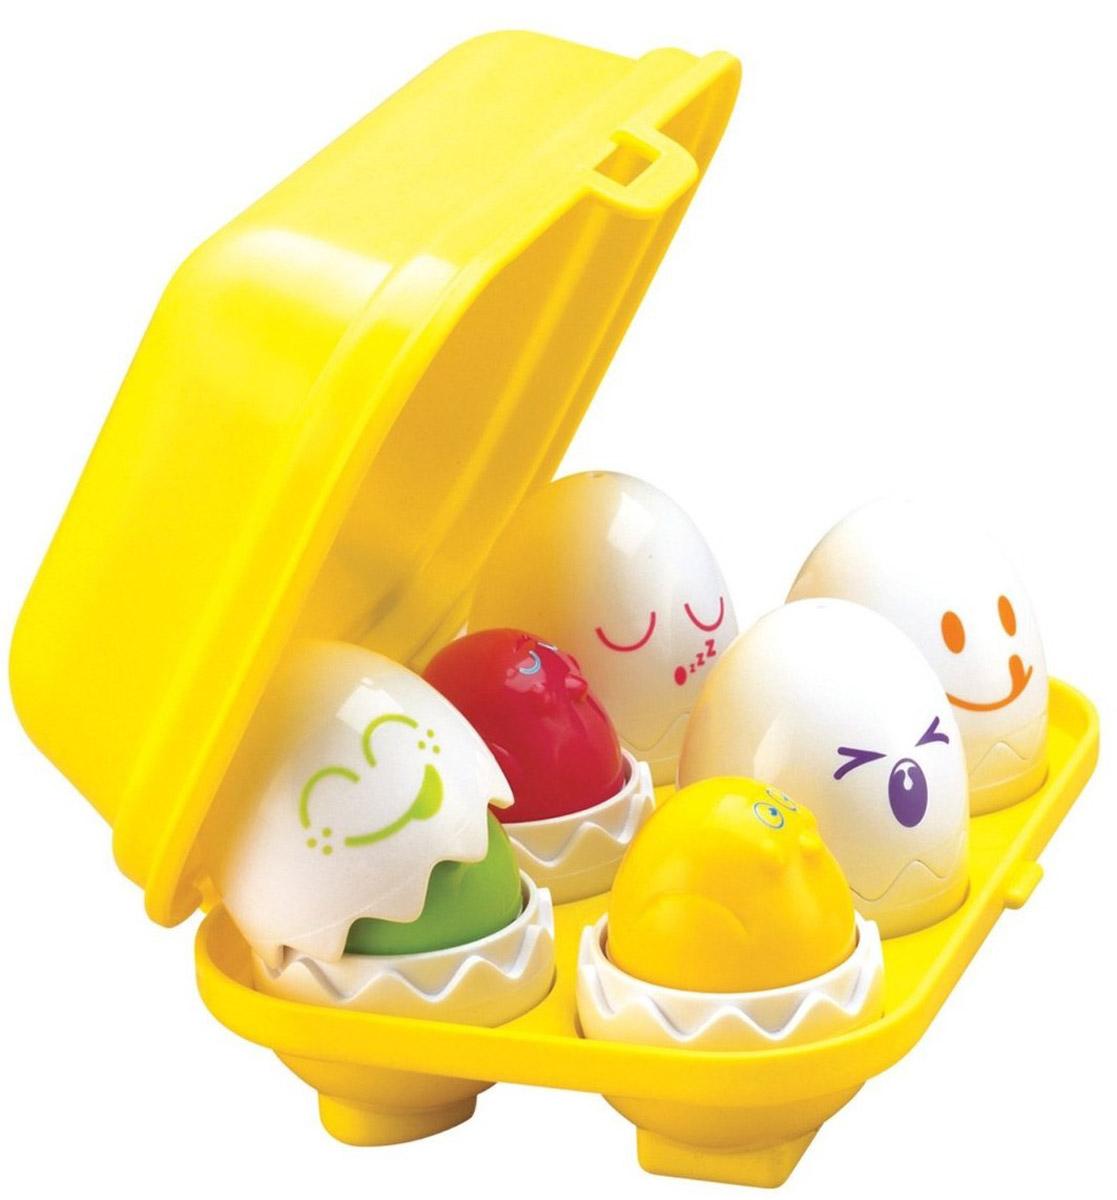 Tomy Развивающая игрушка-сортер Веселые яйца игровые наборы tomy моя первая ферма набор с погрузчиком